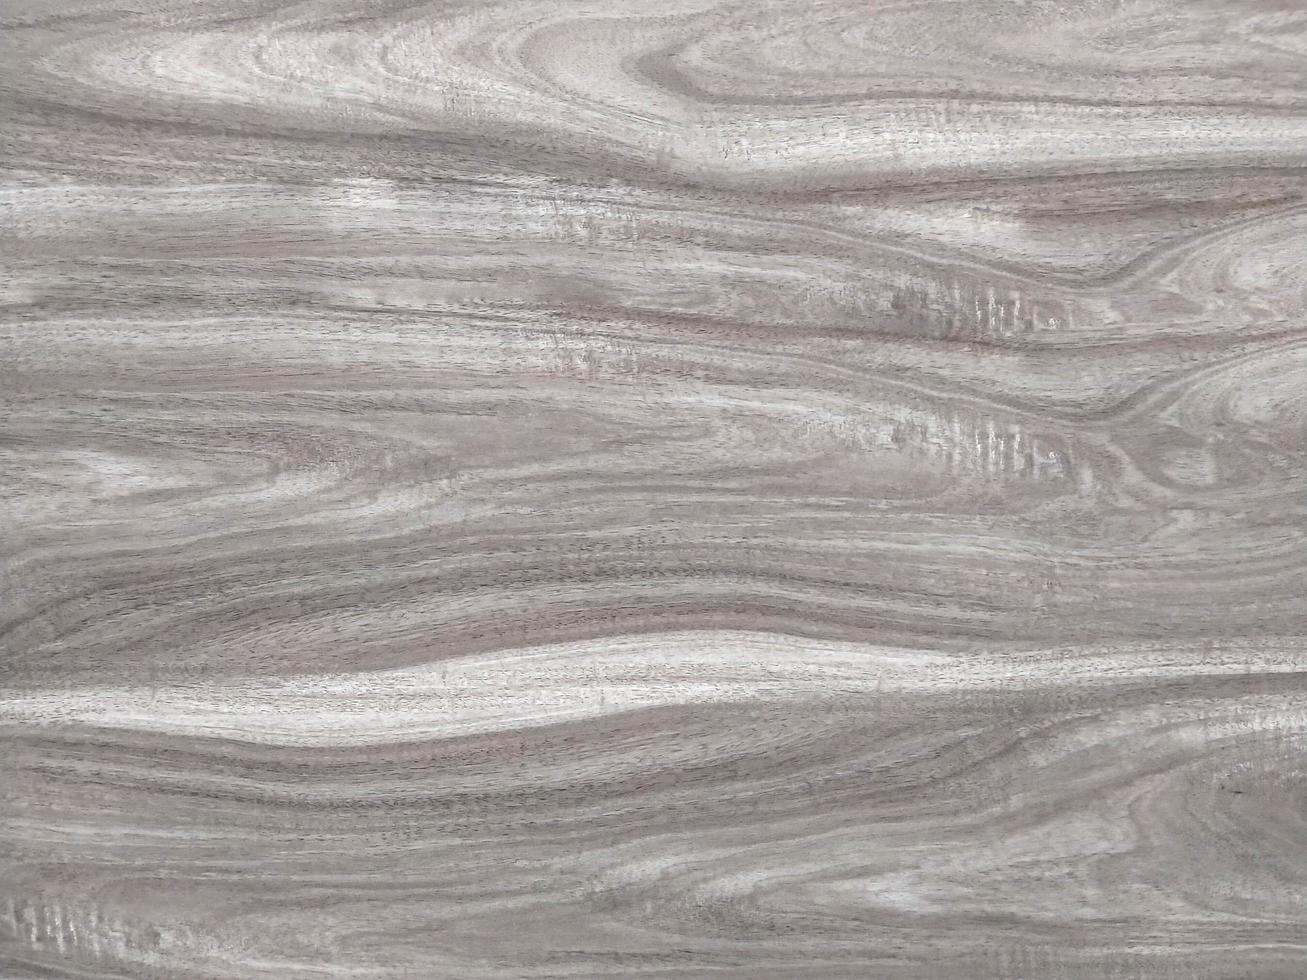 trä planka bakgrund foto